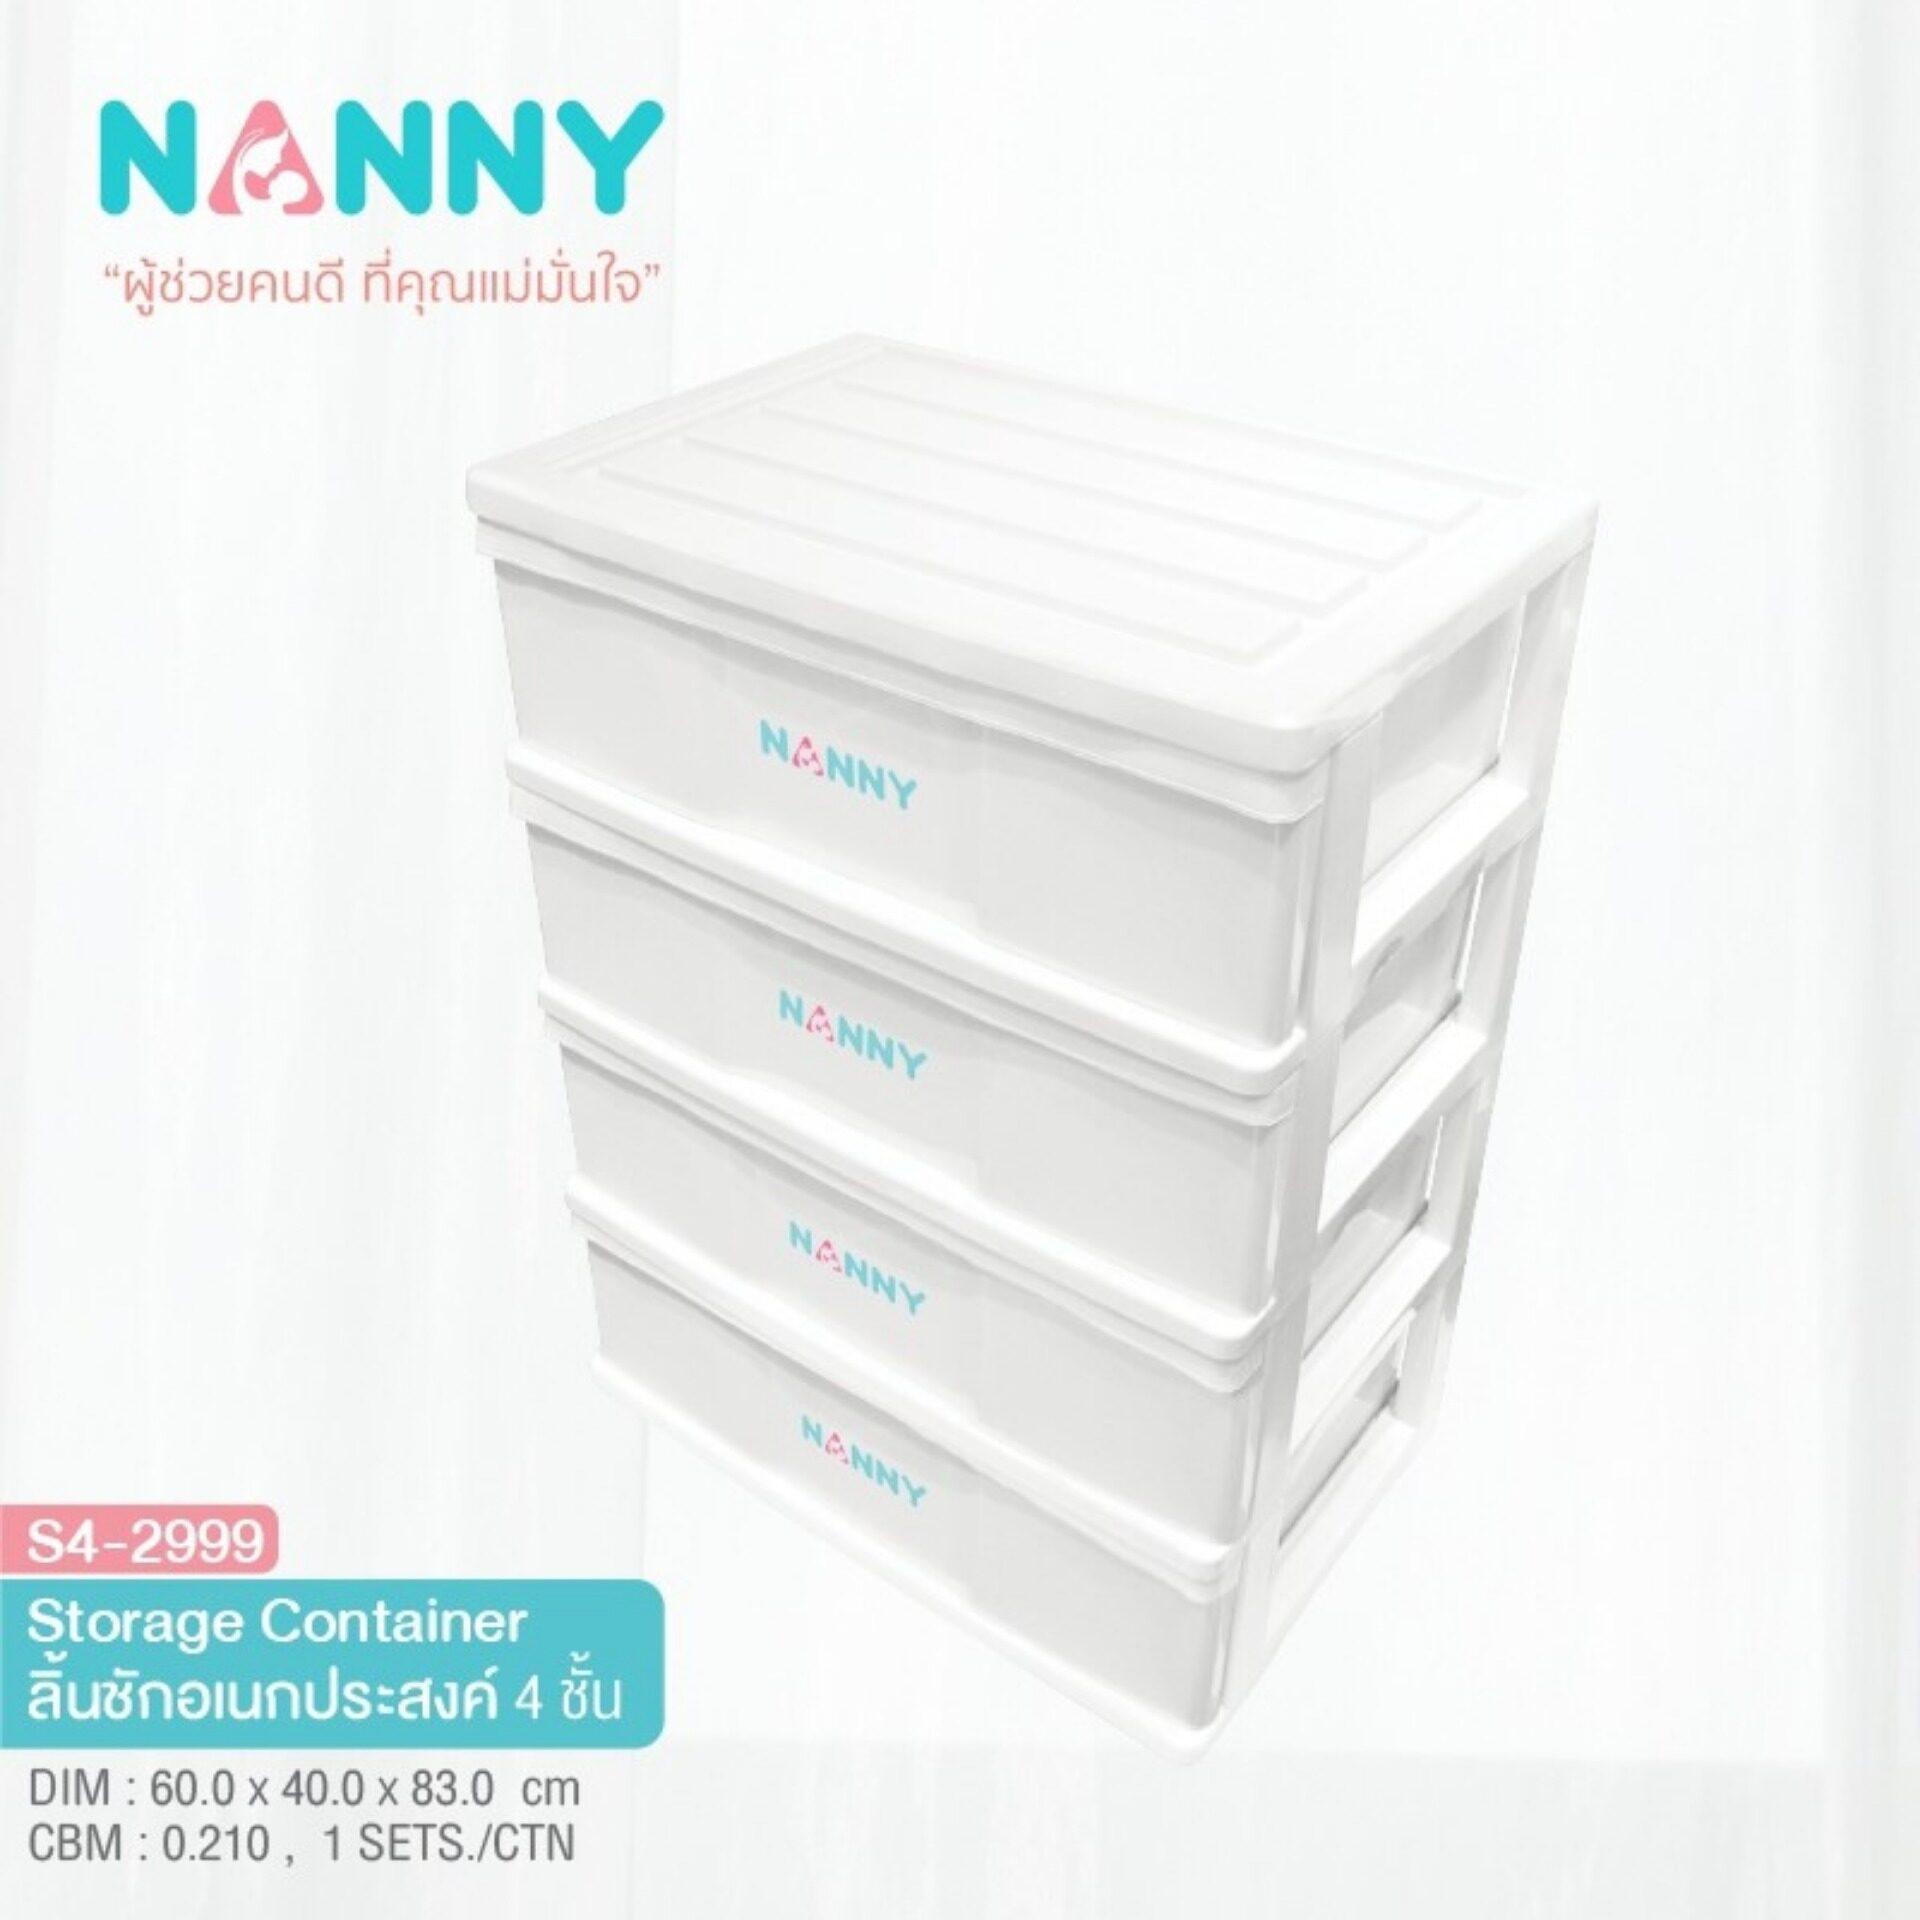 โปรโมชั่น NANNY ลิ้นชักอเนกประสงค์ 4 ชั้น Storage Container รุ่น S4-2999